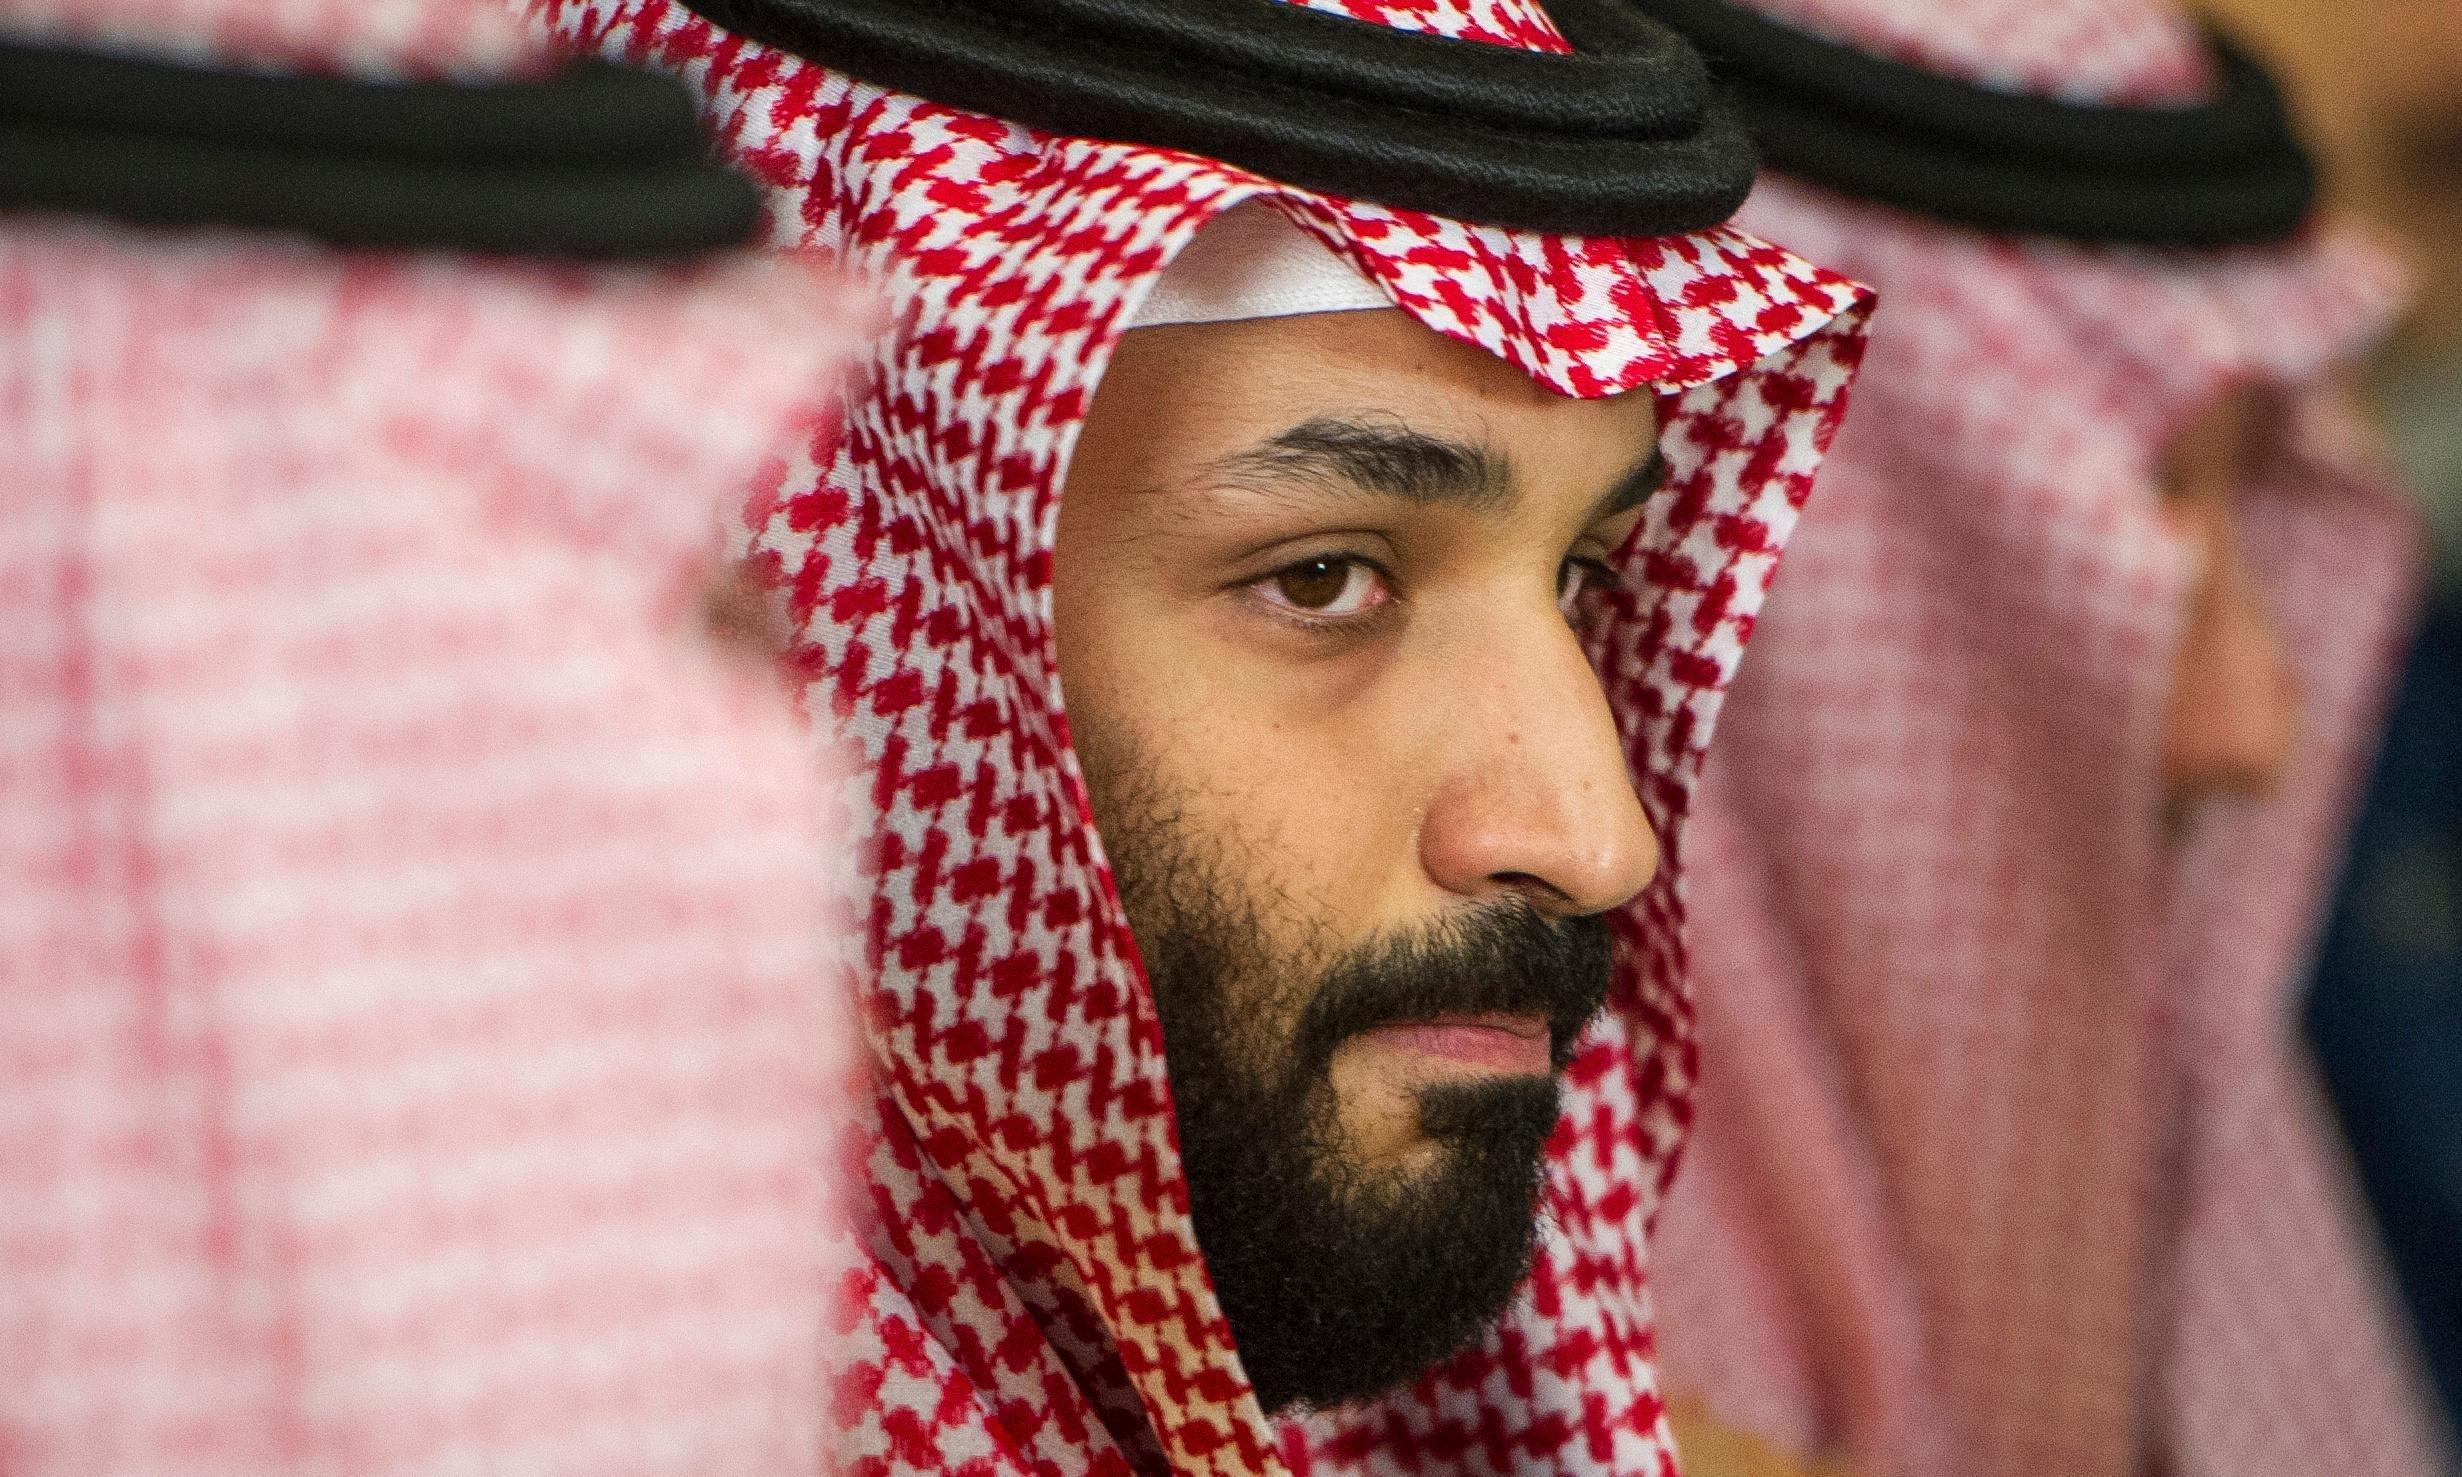 Μοχάμεντ Μπιν Σαλμάν, ο αμφιλεγόμενος πρίγκιπας της Σαουδικής Αραβίας. Μεταρρυθμιστής ή